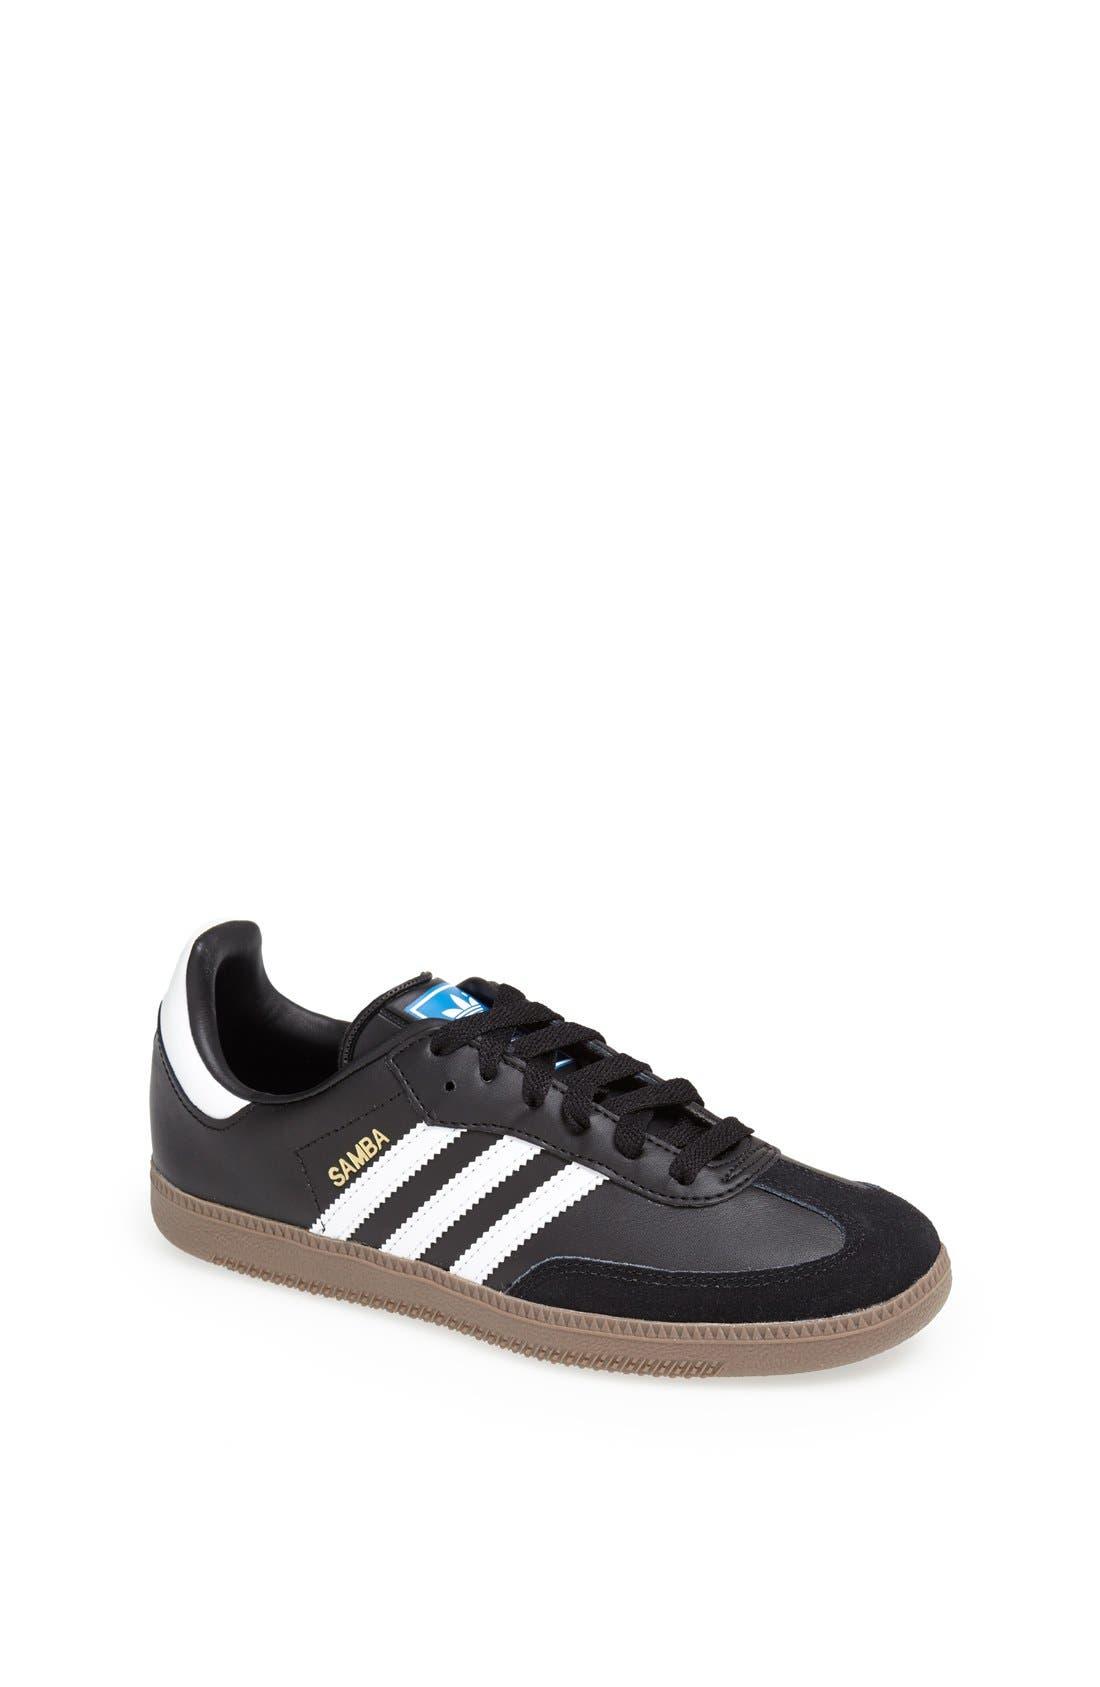 Alternate Image 1 Selected - adidas 'Samba' Sneaker (Toddler, Little Kid & Big Kid)